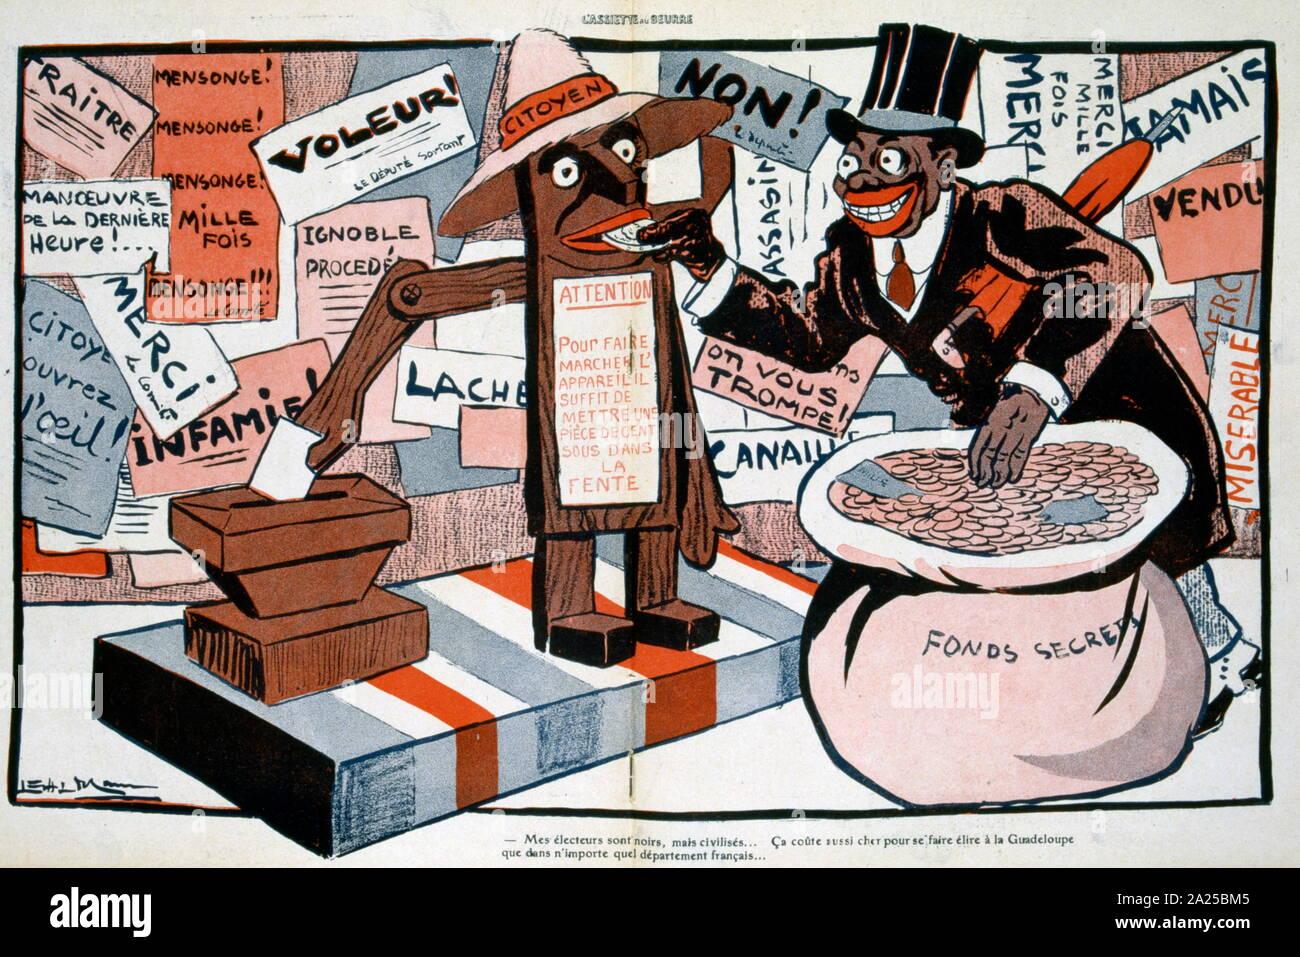 Alla Francese Posizione blaise diagne immagini & blaise diagne fotos stock - alamy